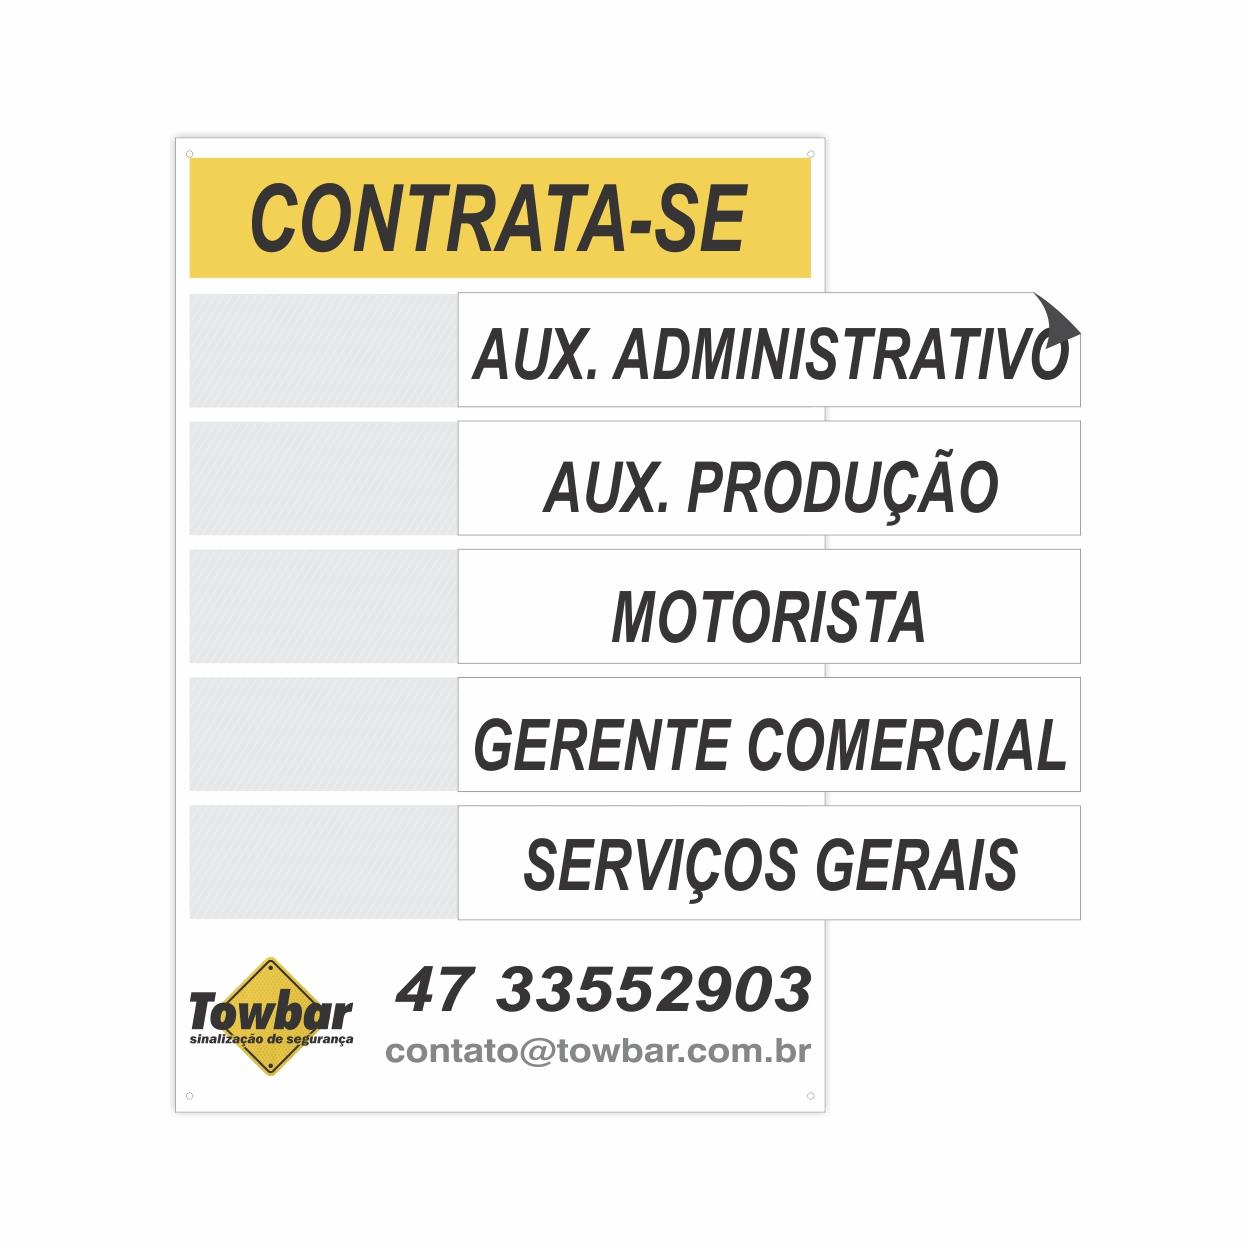 Placa contrata-se personalizada com logomarca  - Towbar Sinalização de Segurança